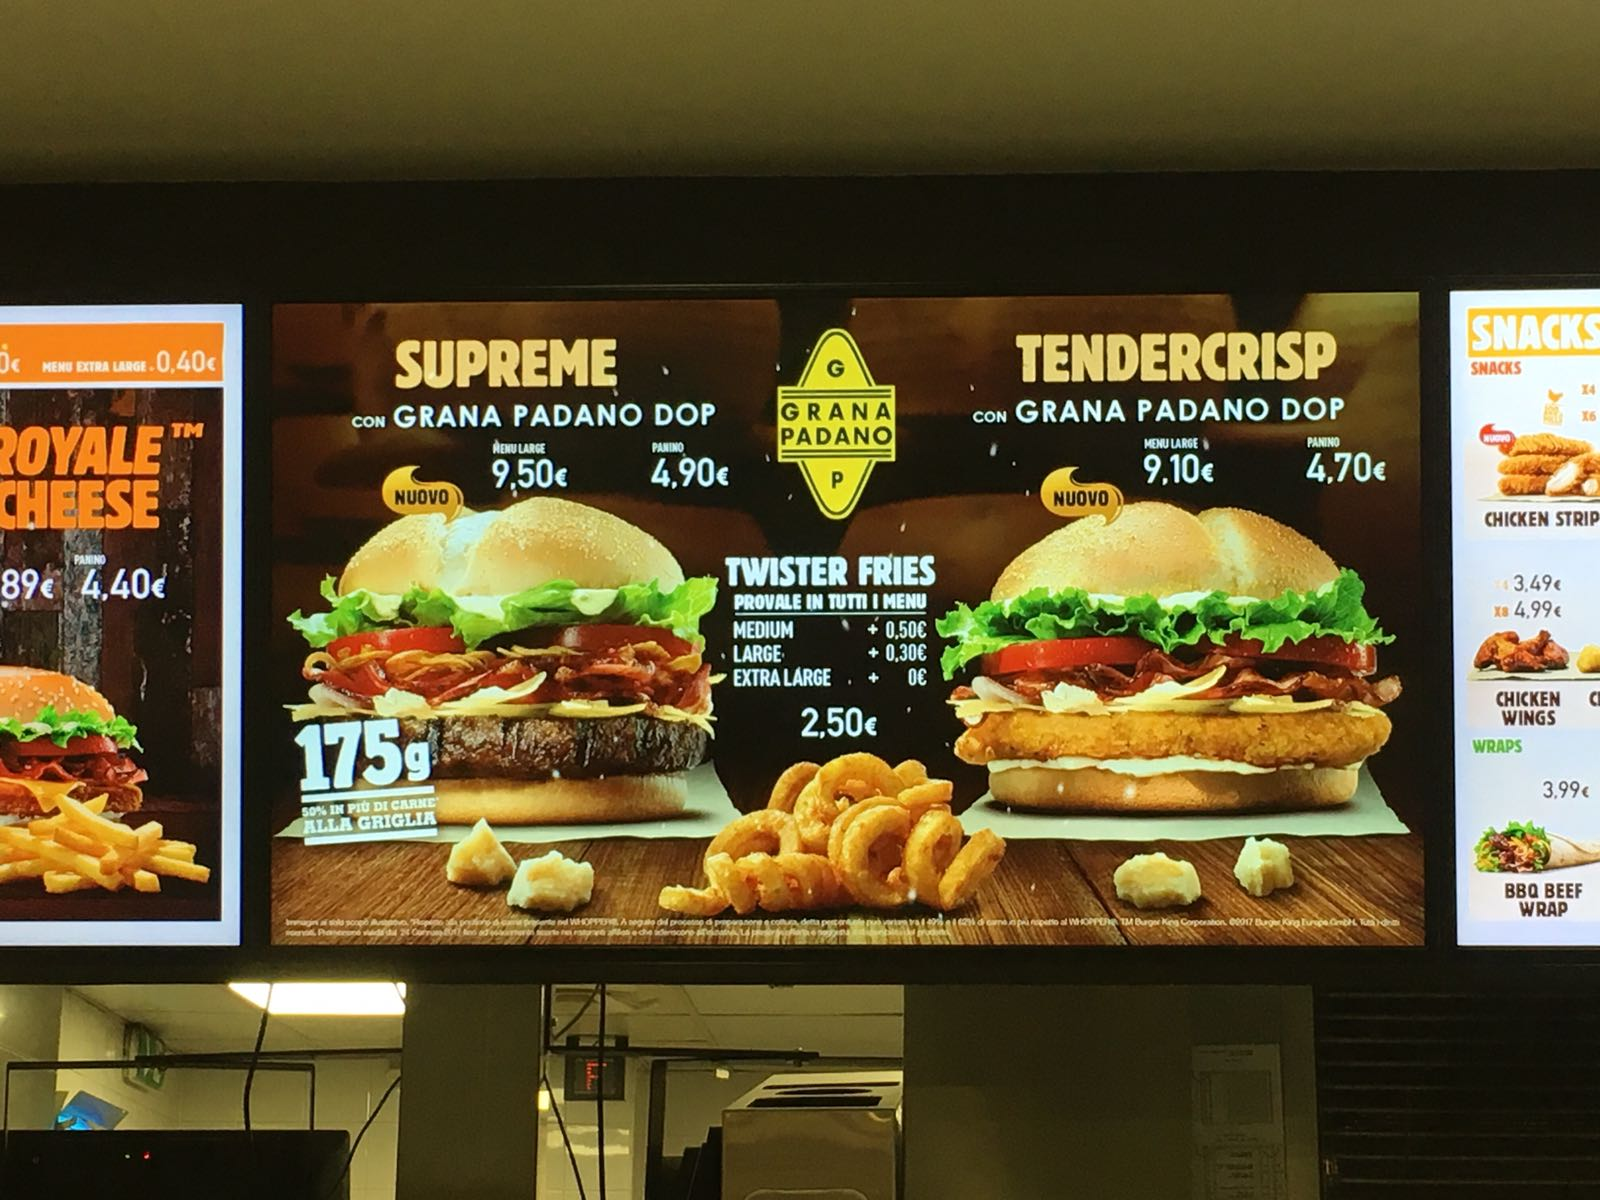 Supreme con Grana Padano DOP e Tendercrisp con Grana Padano DOP – Abbiamo provato i nuovi panini di Burger King al posto vostro